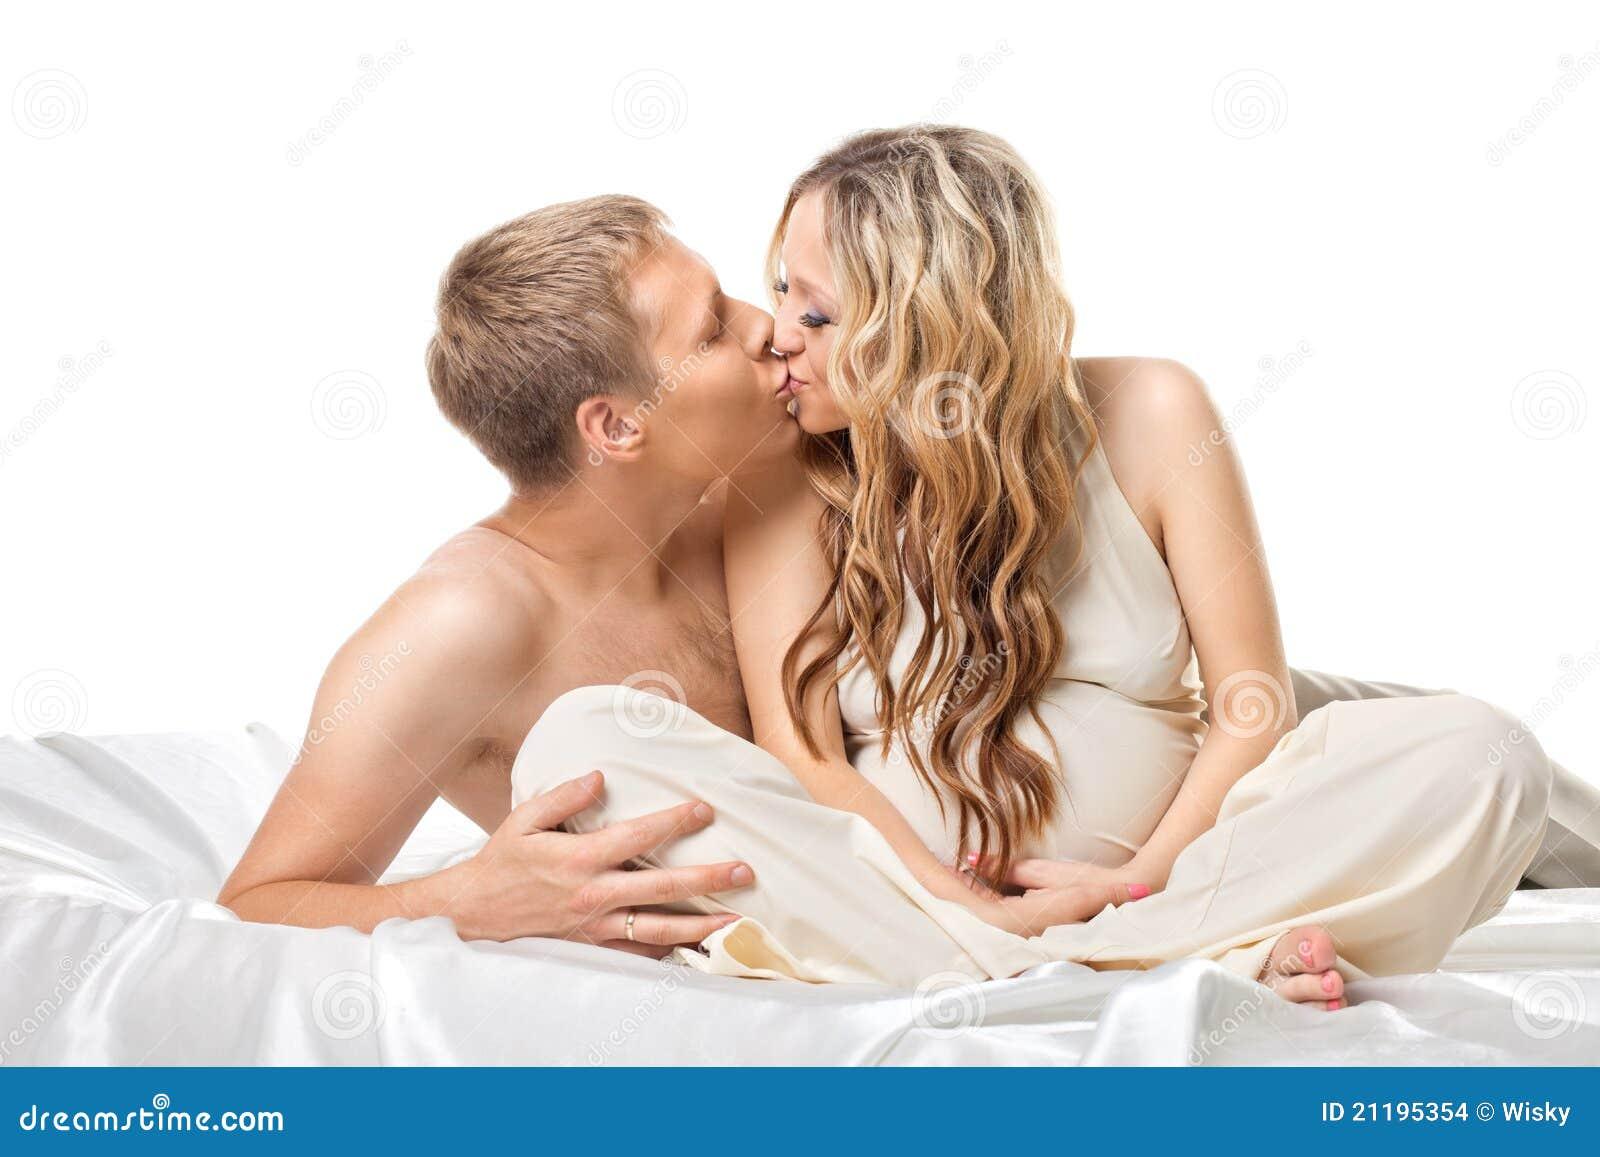 Бабки можно заниматься сексом перед узи